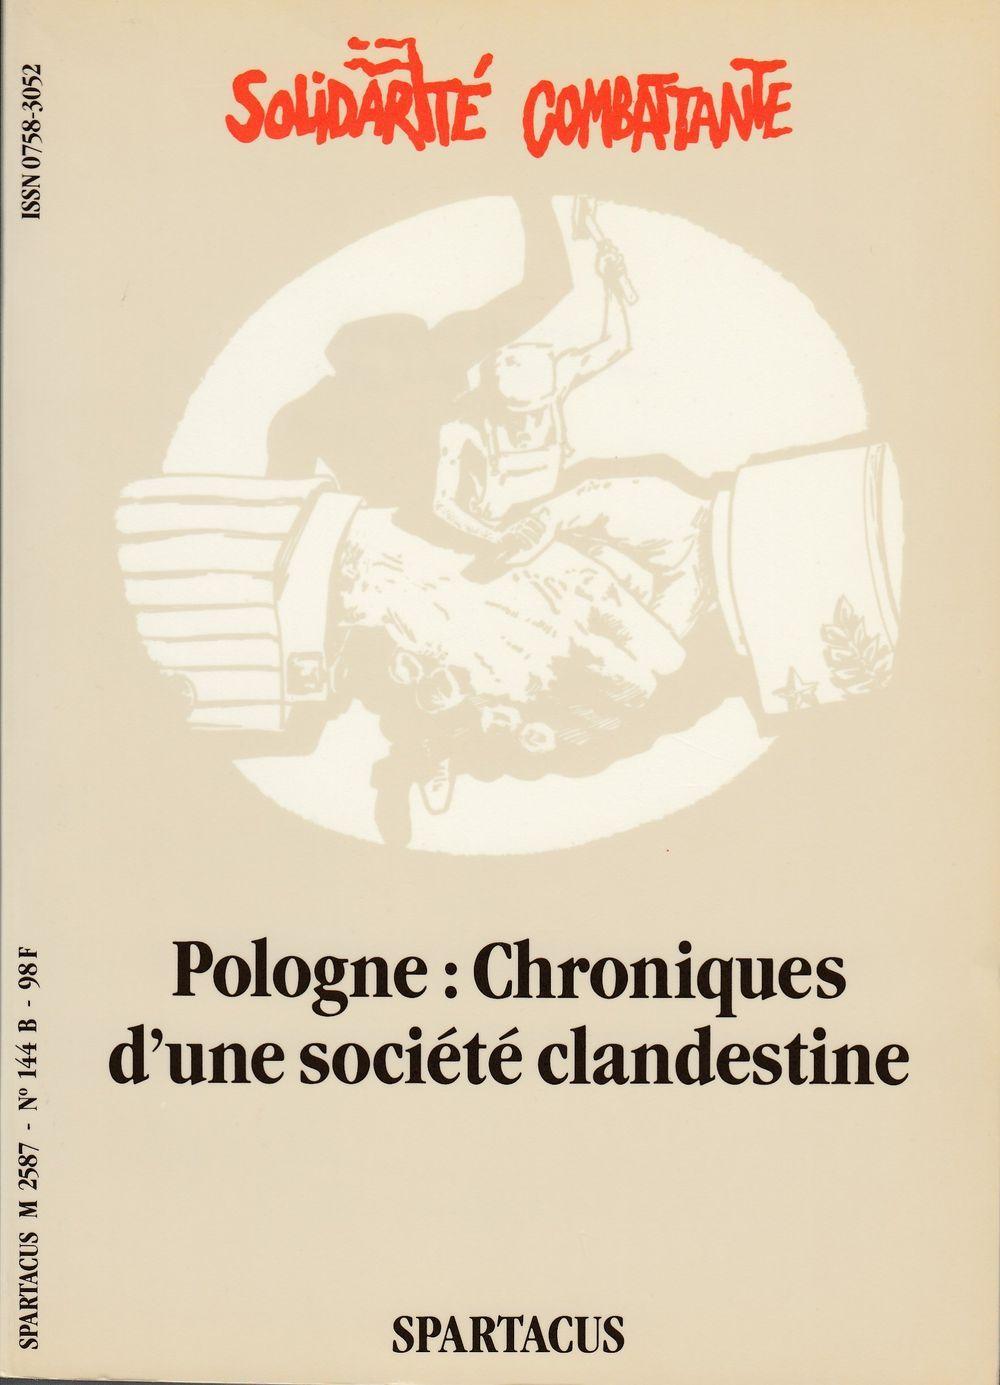 POLOGNE : CHRONIQUES D UNE SOCIETE CLANDESTINE  B144